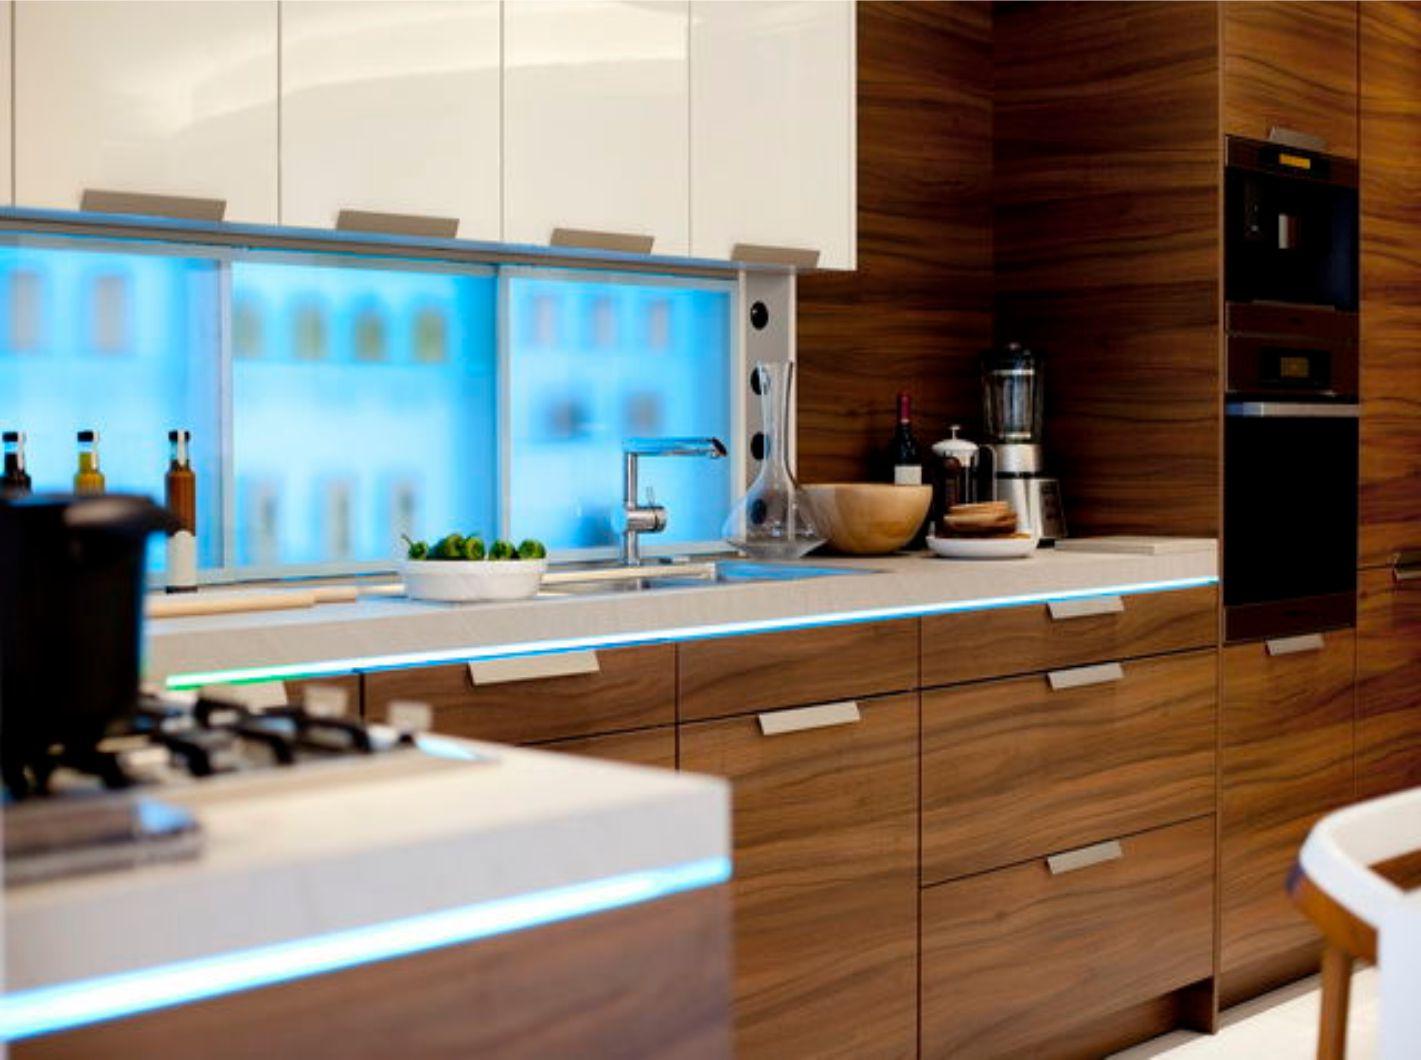 Cuisines de qualité supérieure en bois naturel  TEAM 7